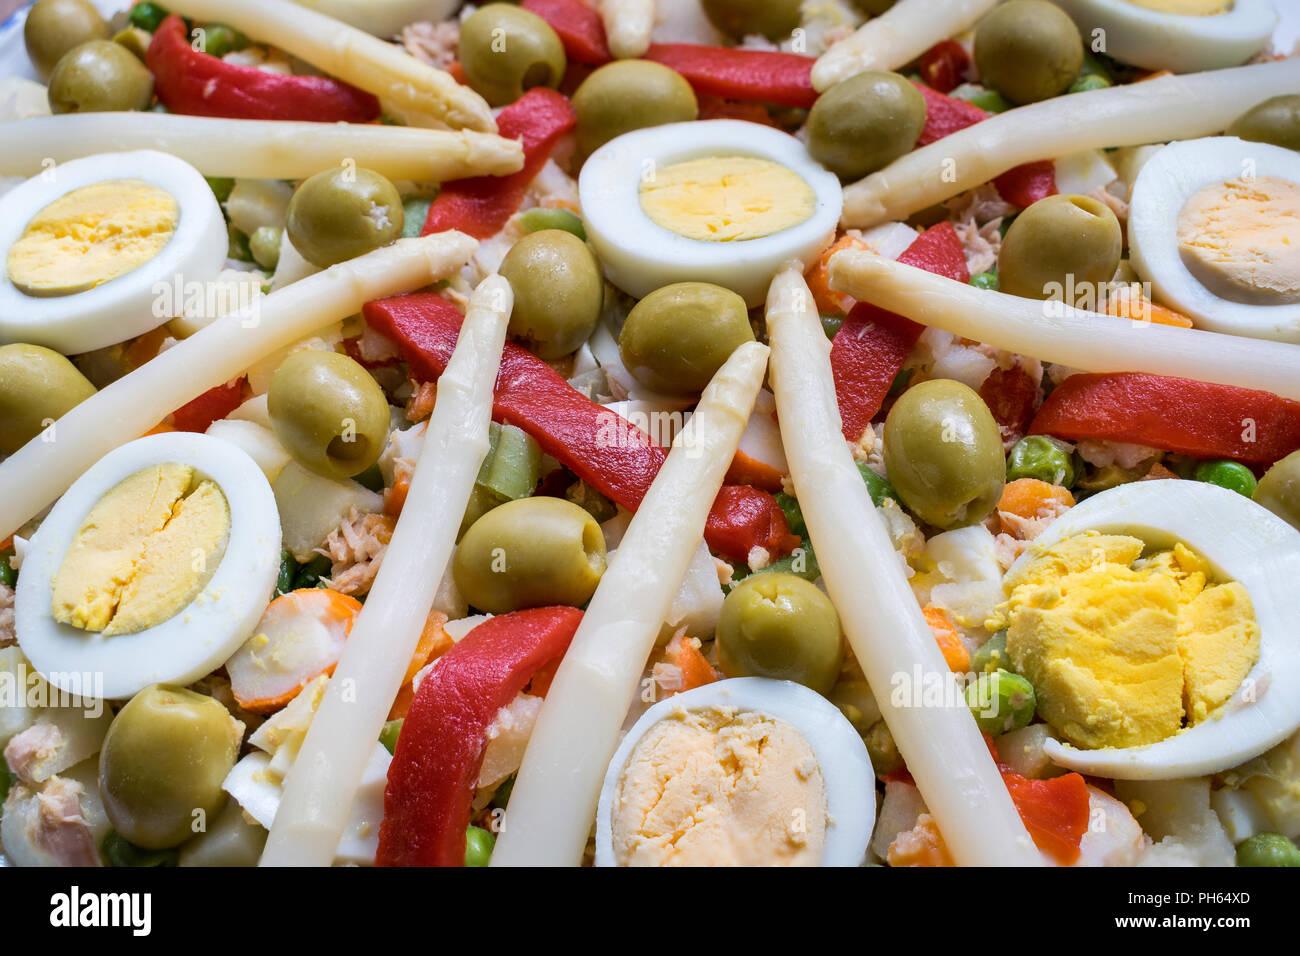 Russischer Salat Typisches Essen In Spanien Stockfoto Bild